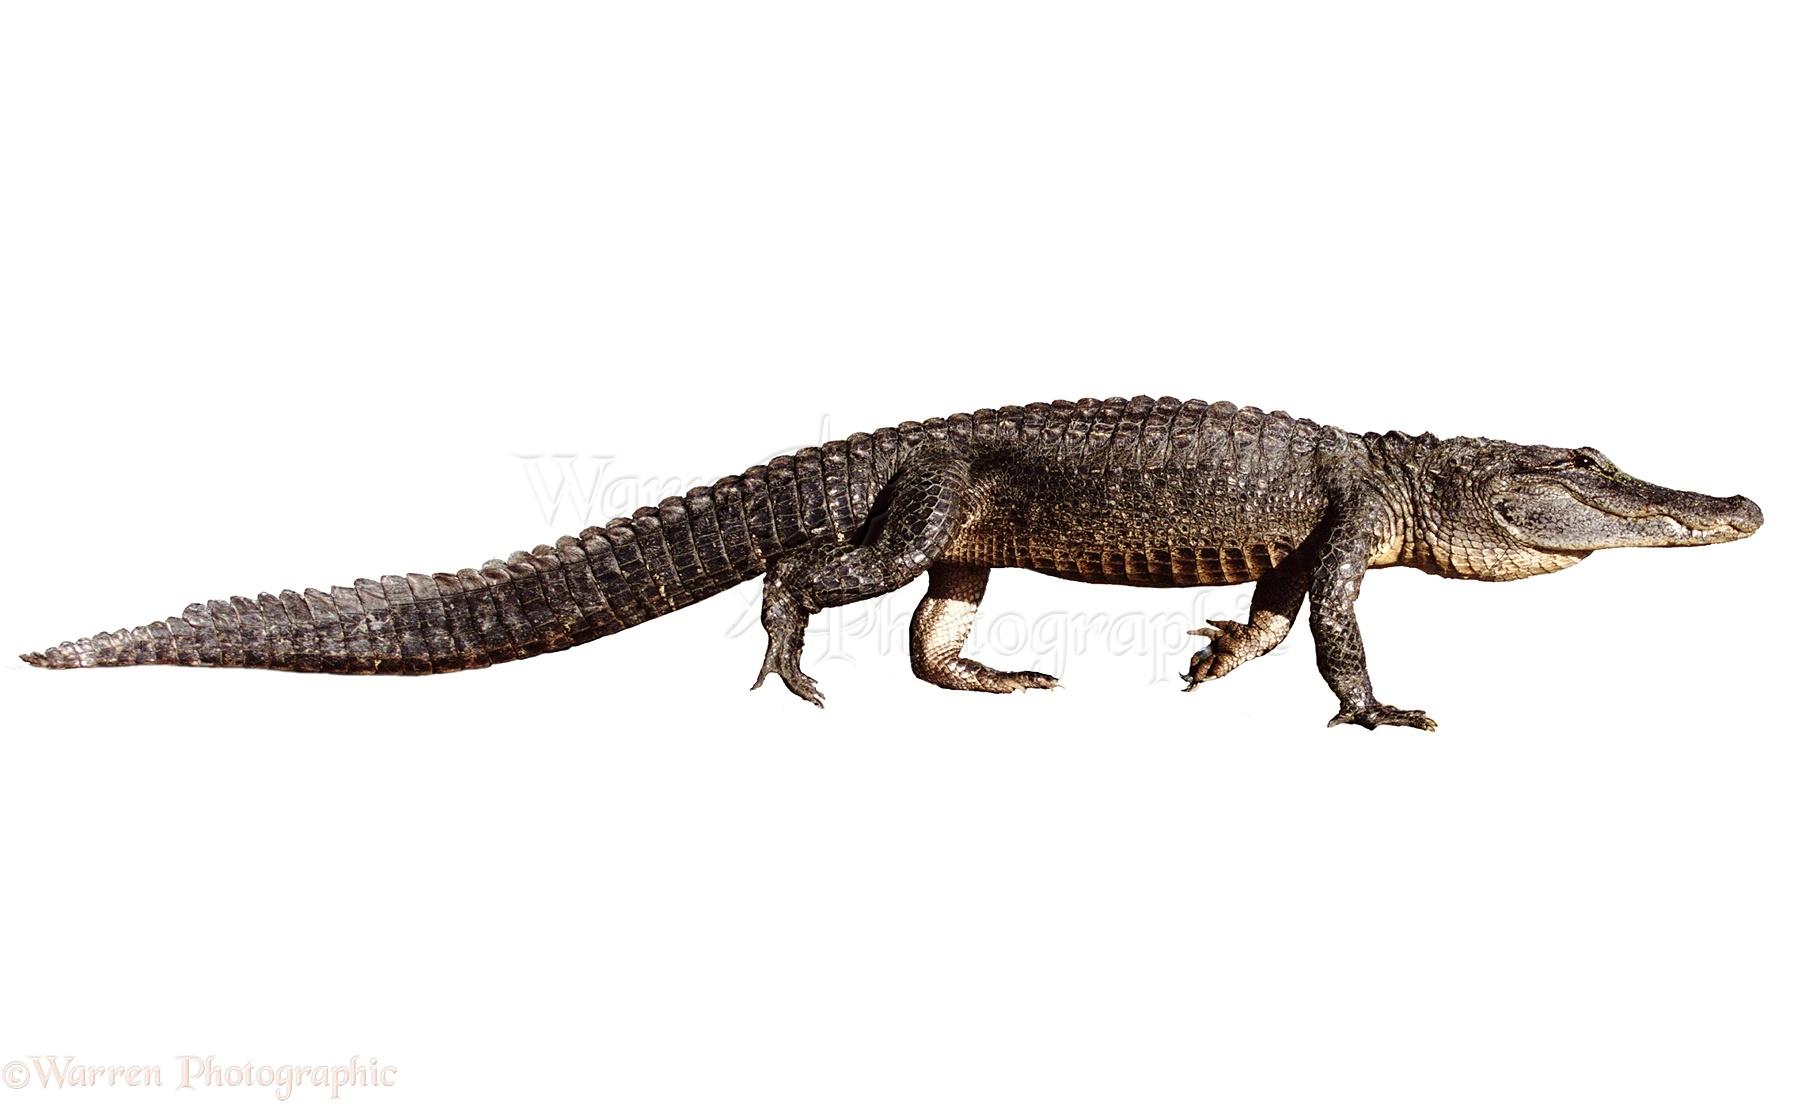 WP03731 American Alligator Alligator mississippiensis 1804x1104